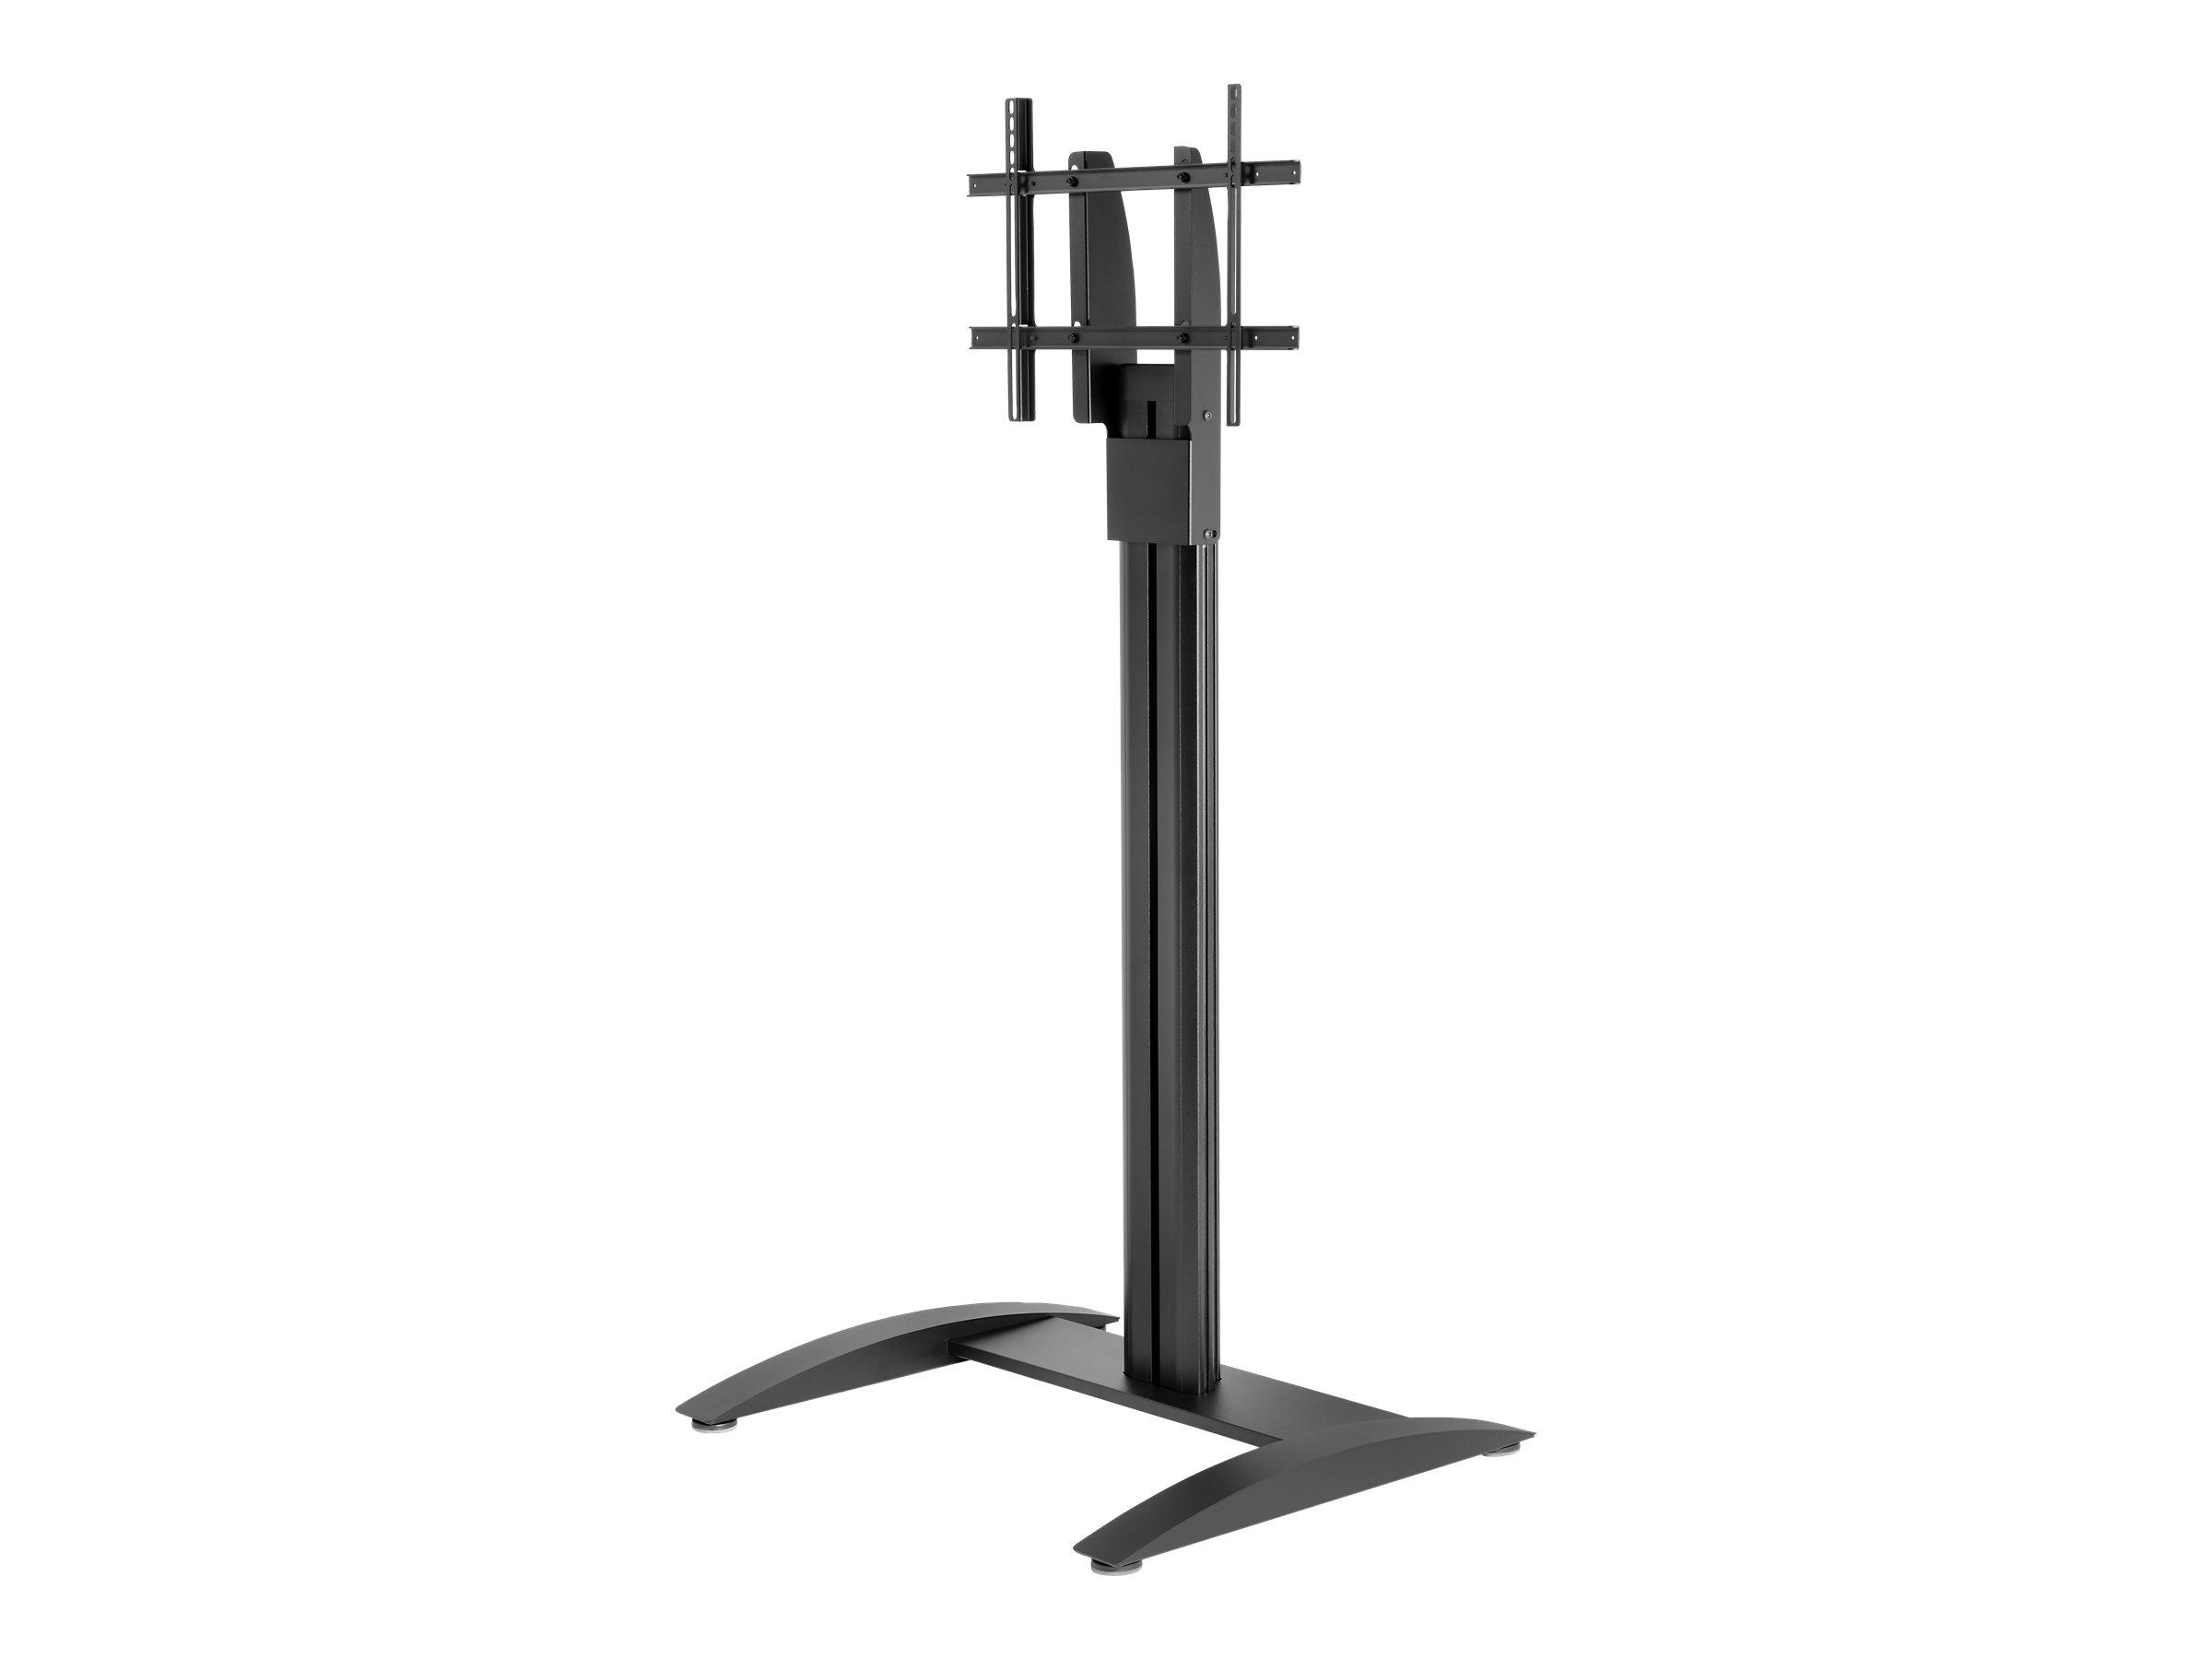 Peerless Flat Panel Stand SS560F - Aufstellung (Bodenplatte, Spalte, VESA-Adapter) für LCD-/Plasmafernseher - Aluminium, kaltgew